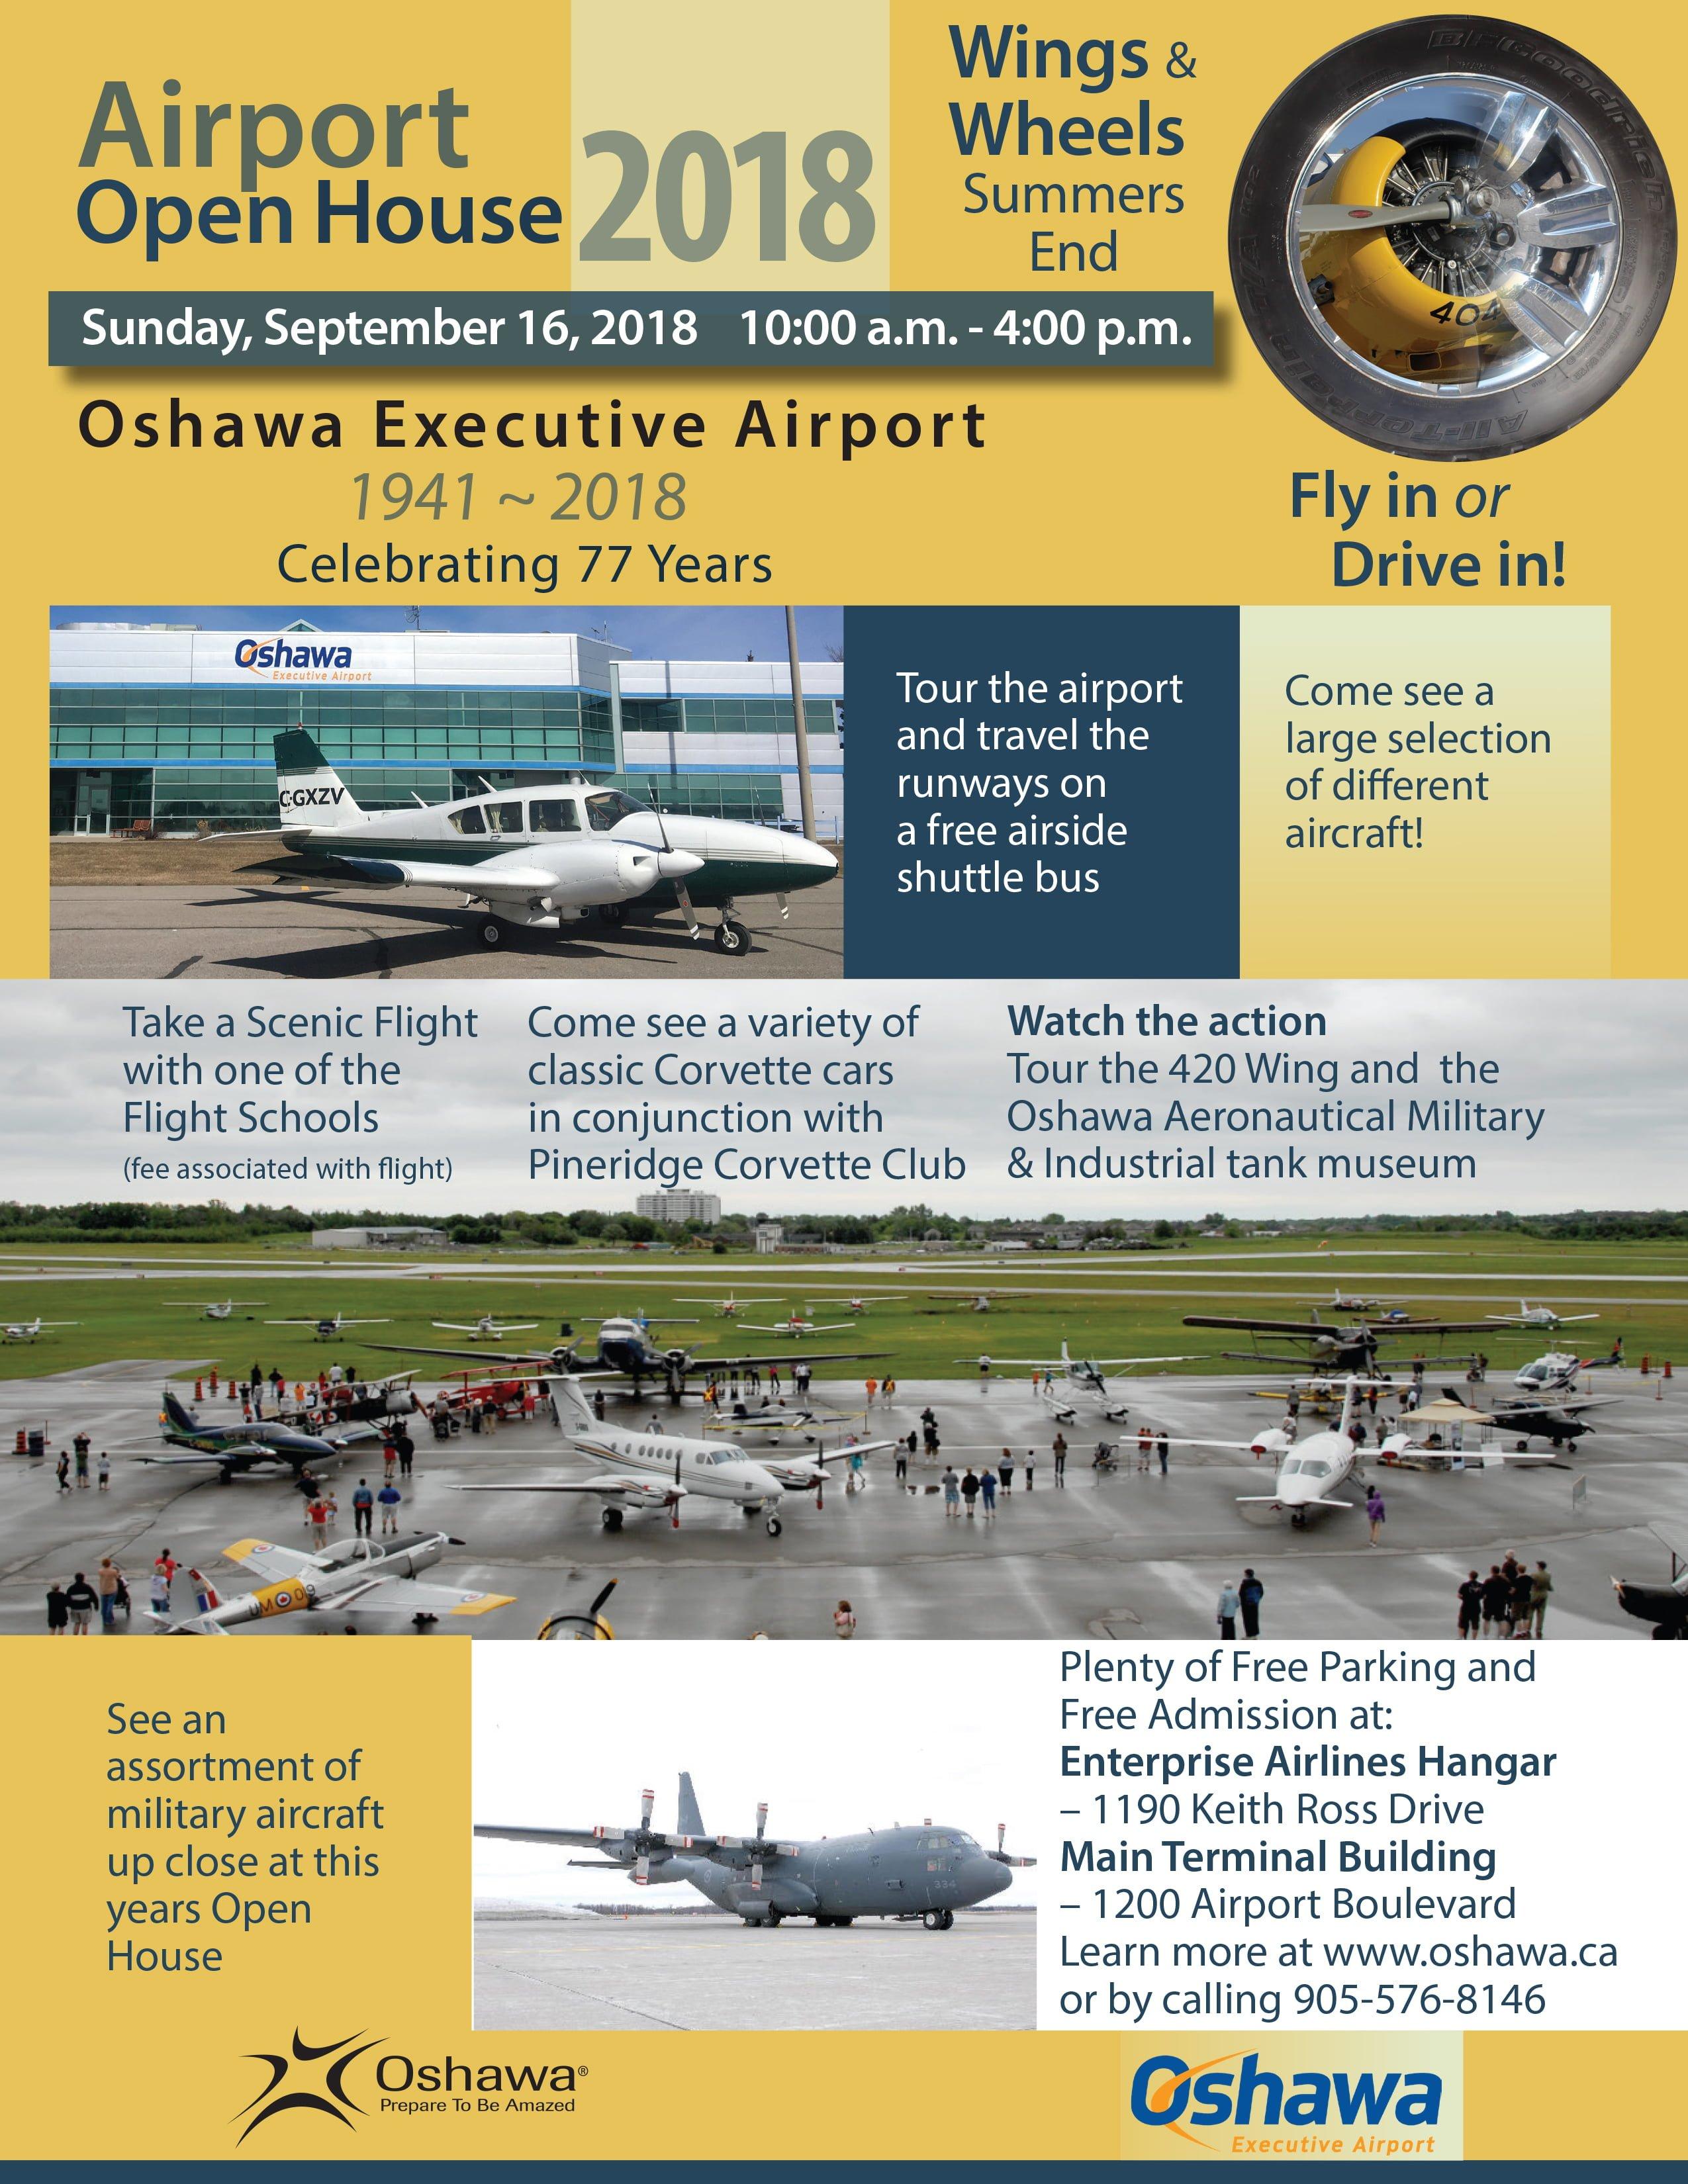 Oshawa Airport Open House